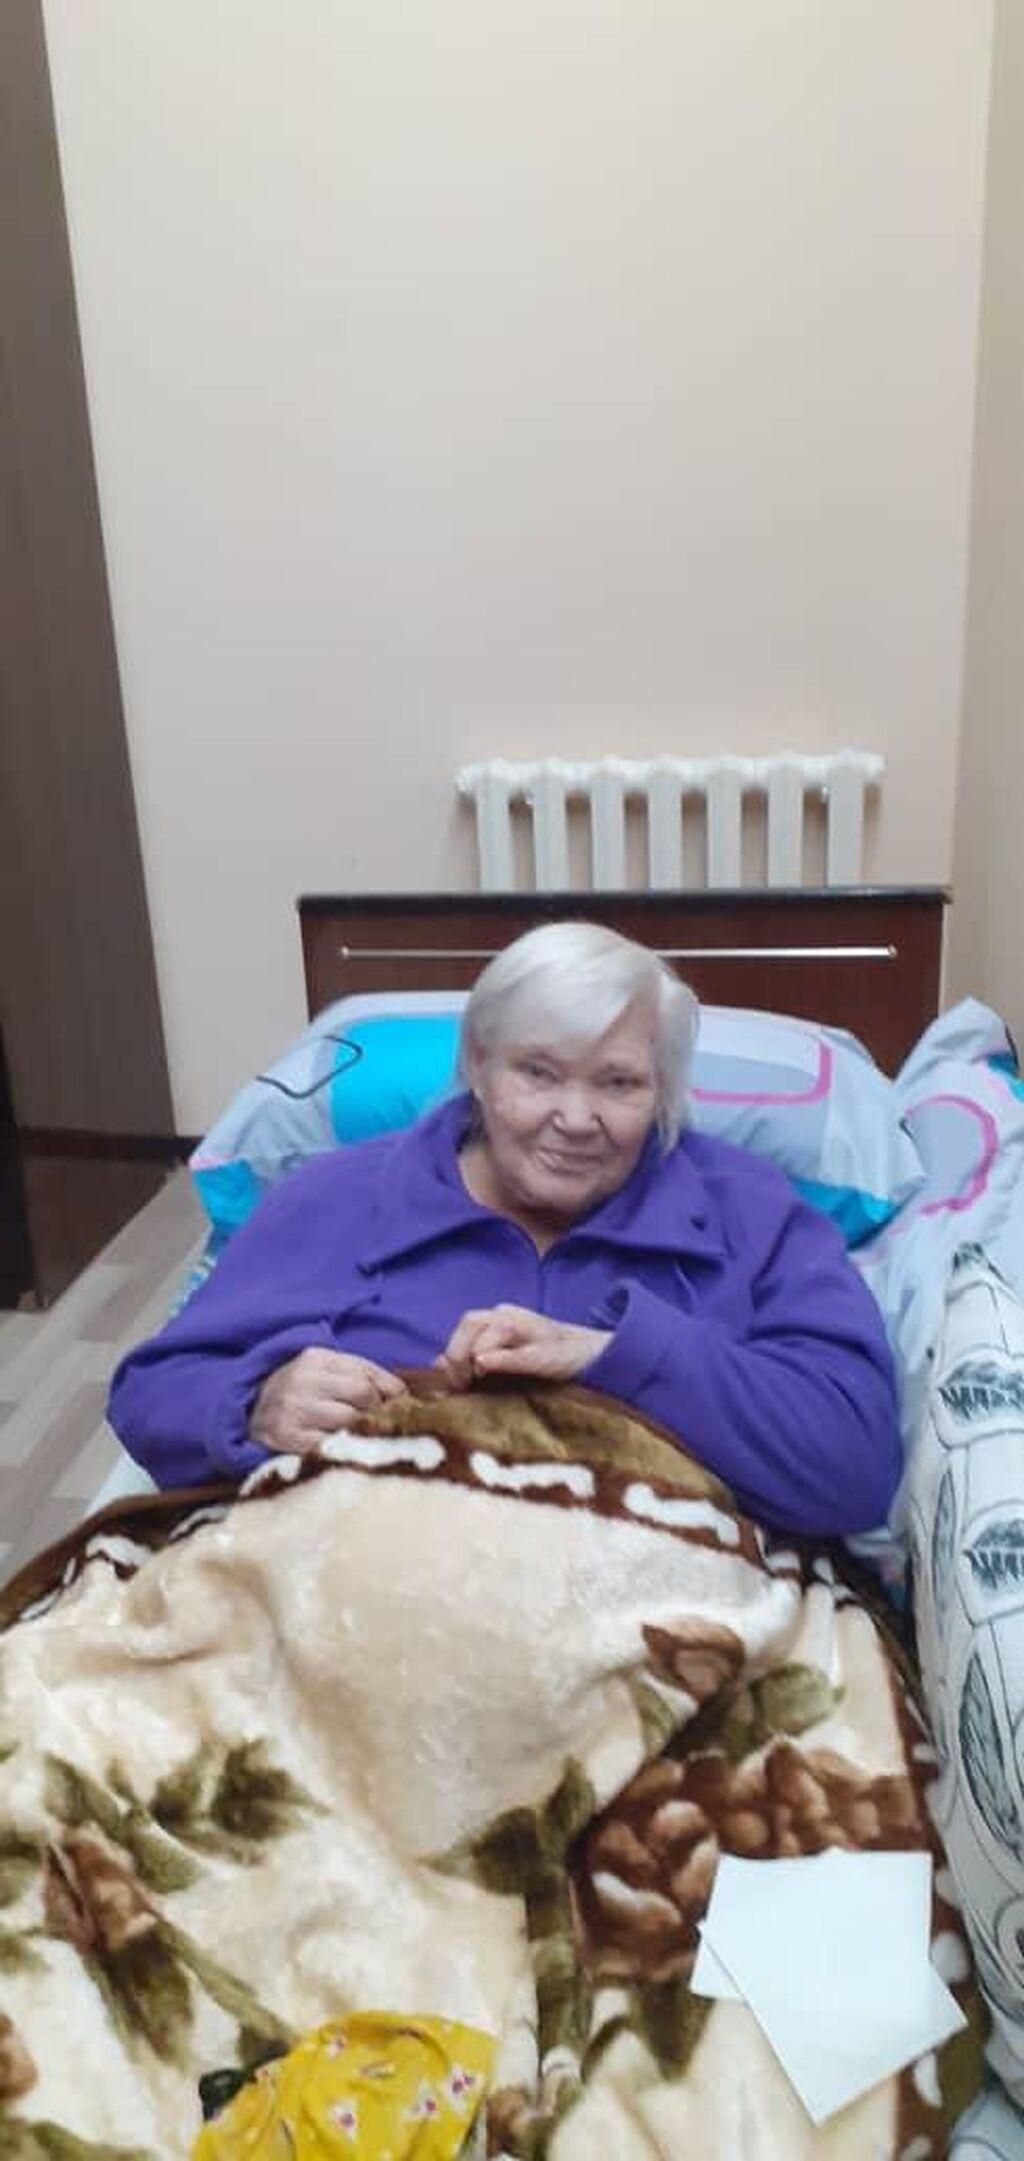 Пансион для престарелых,мы ухаживаем за пожилыми людьми, у нас комнаты на 2 и на3 человека, с 4 х разовым питанием,мед